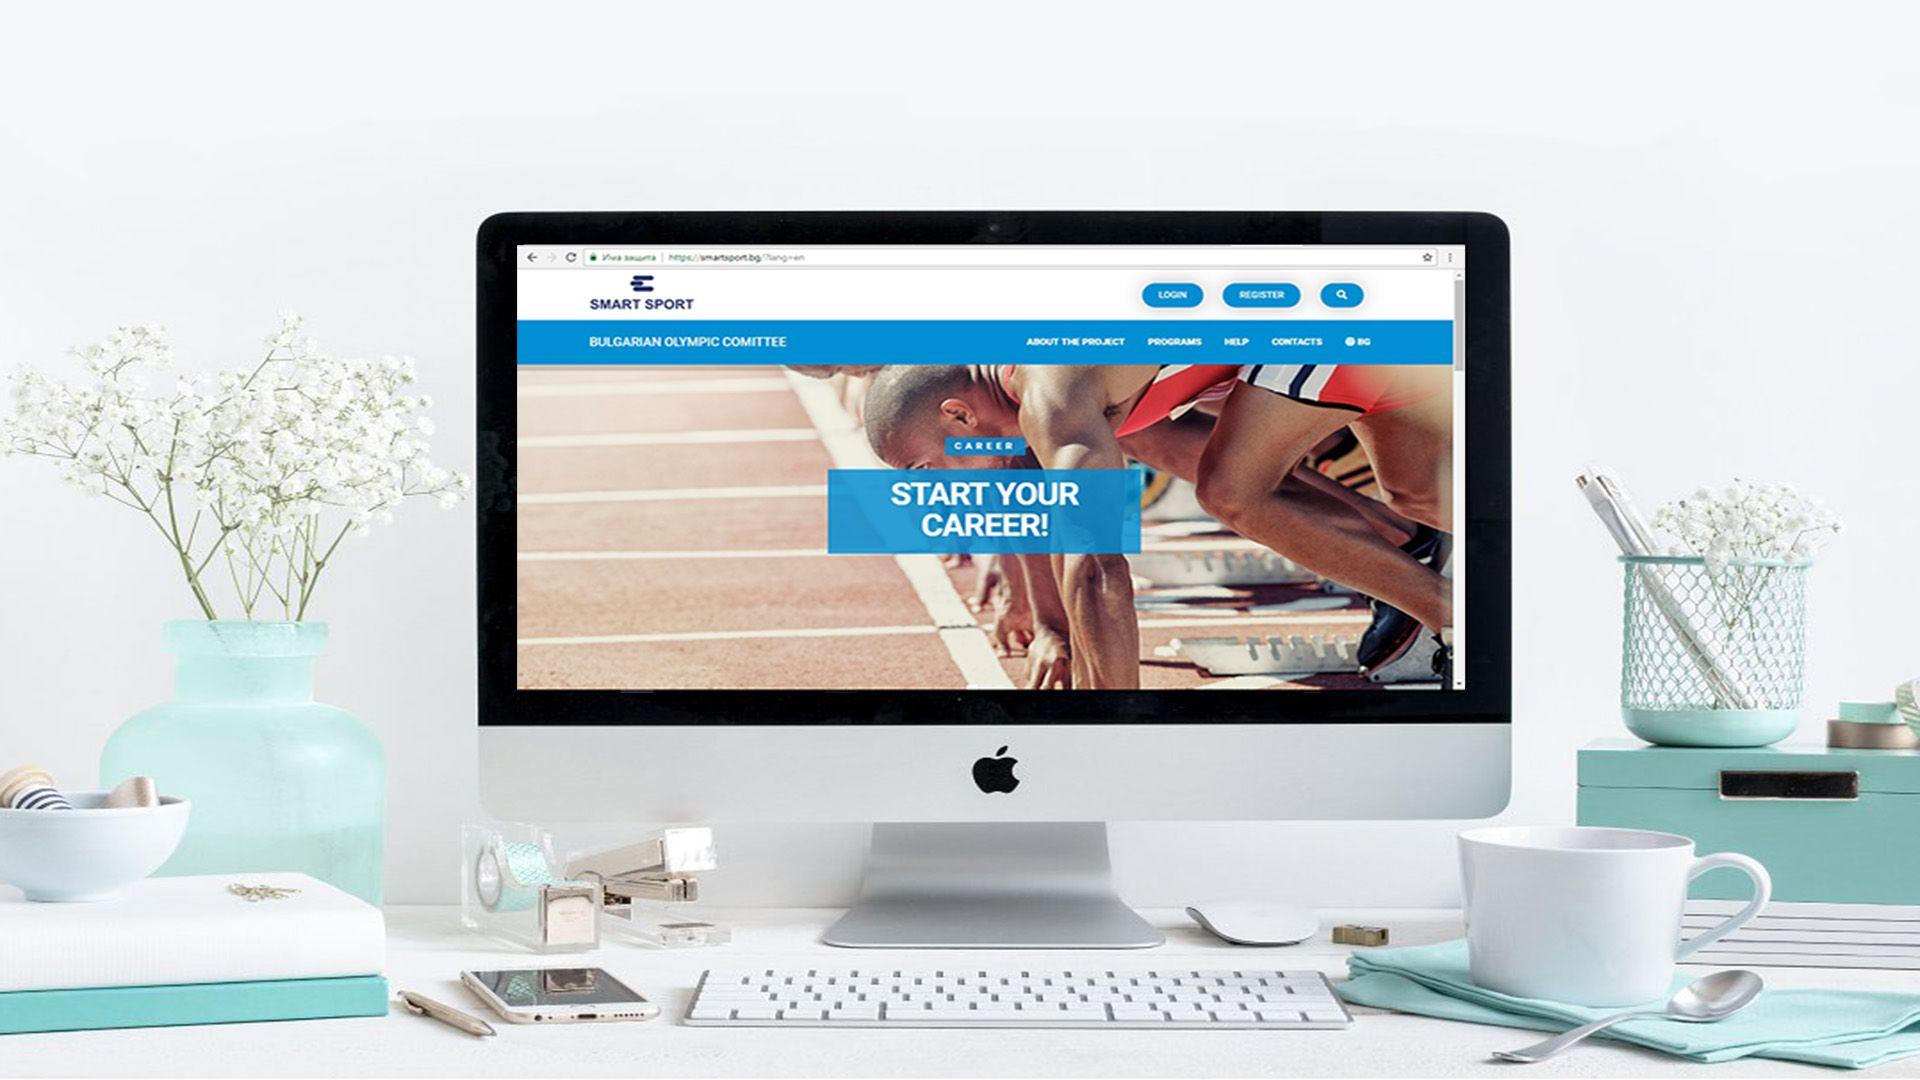 SMART SPORT - Български Олимпийски Комитет